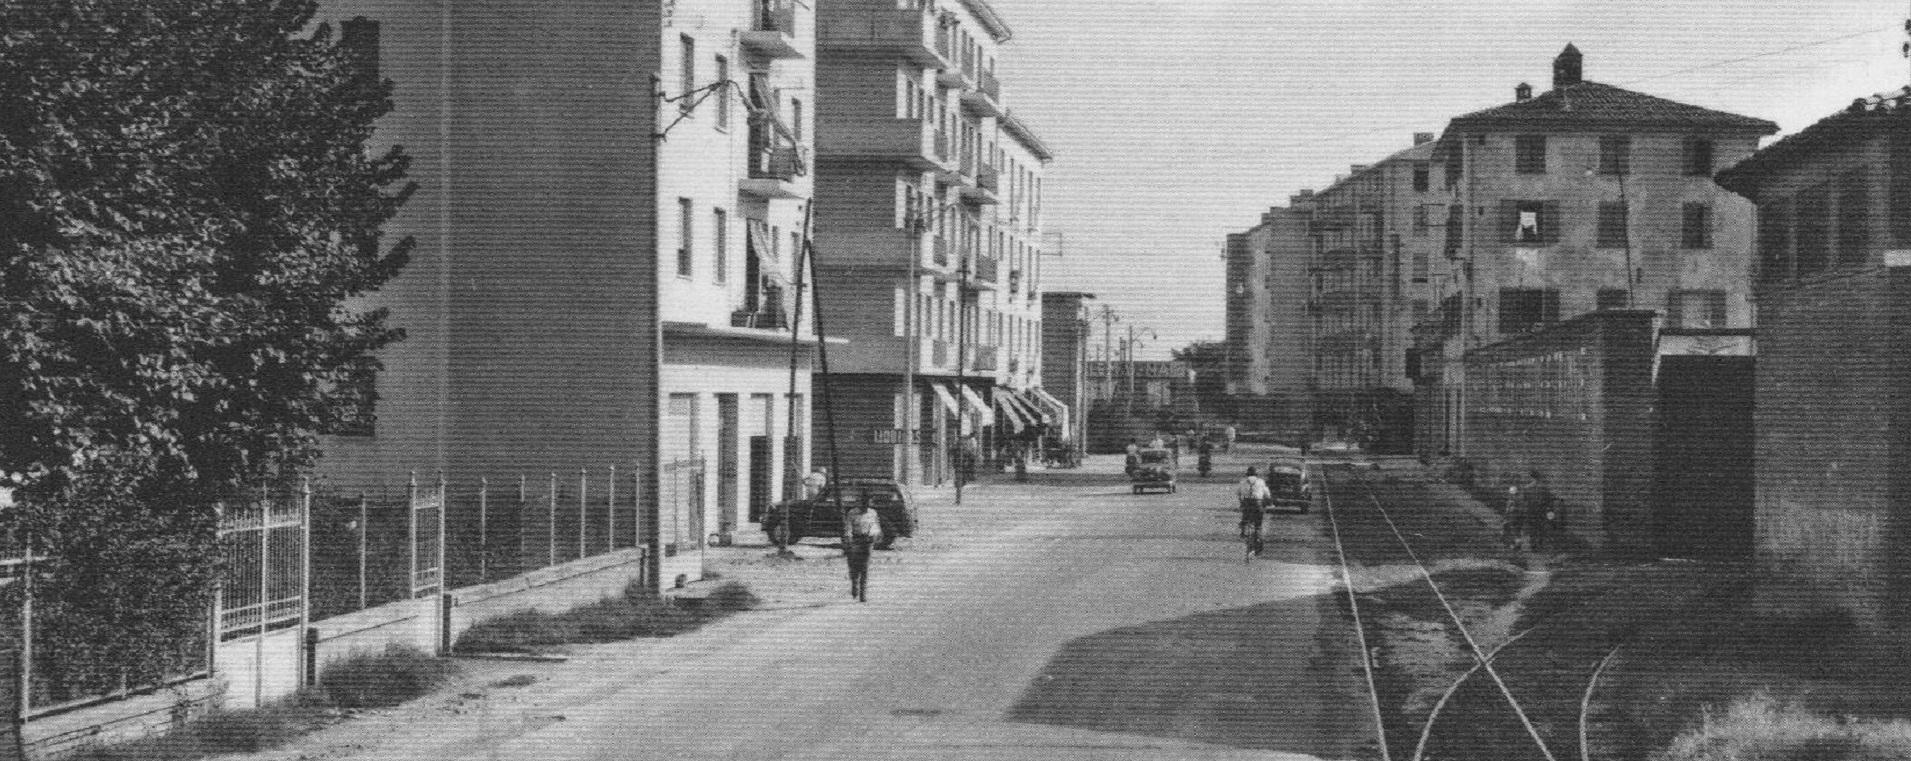 Immagine storica di via Ferrarese